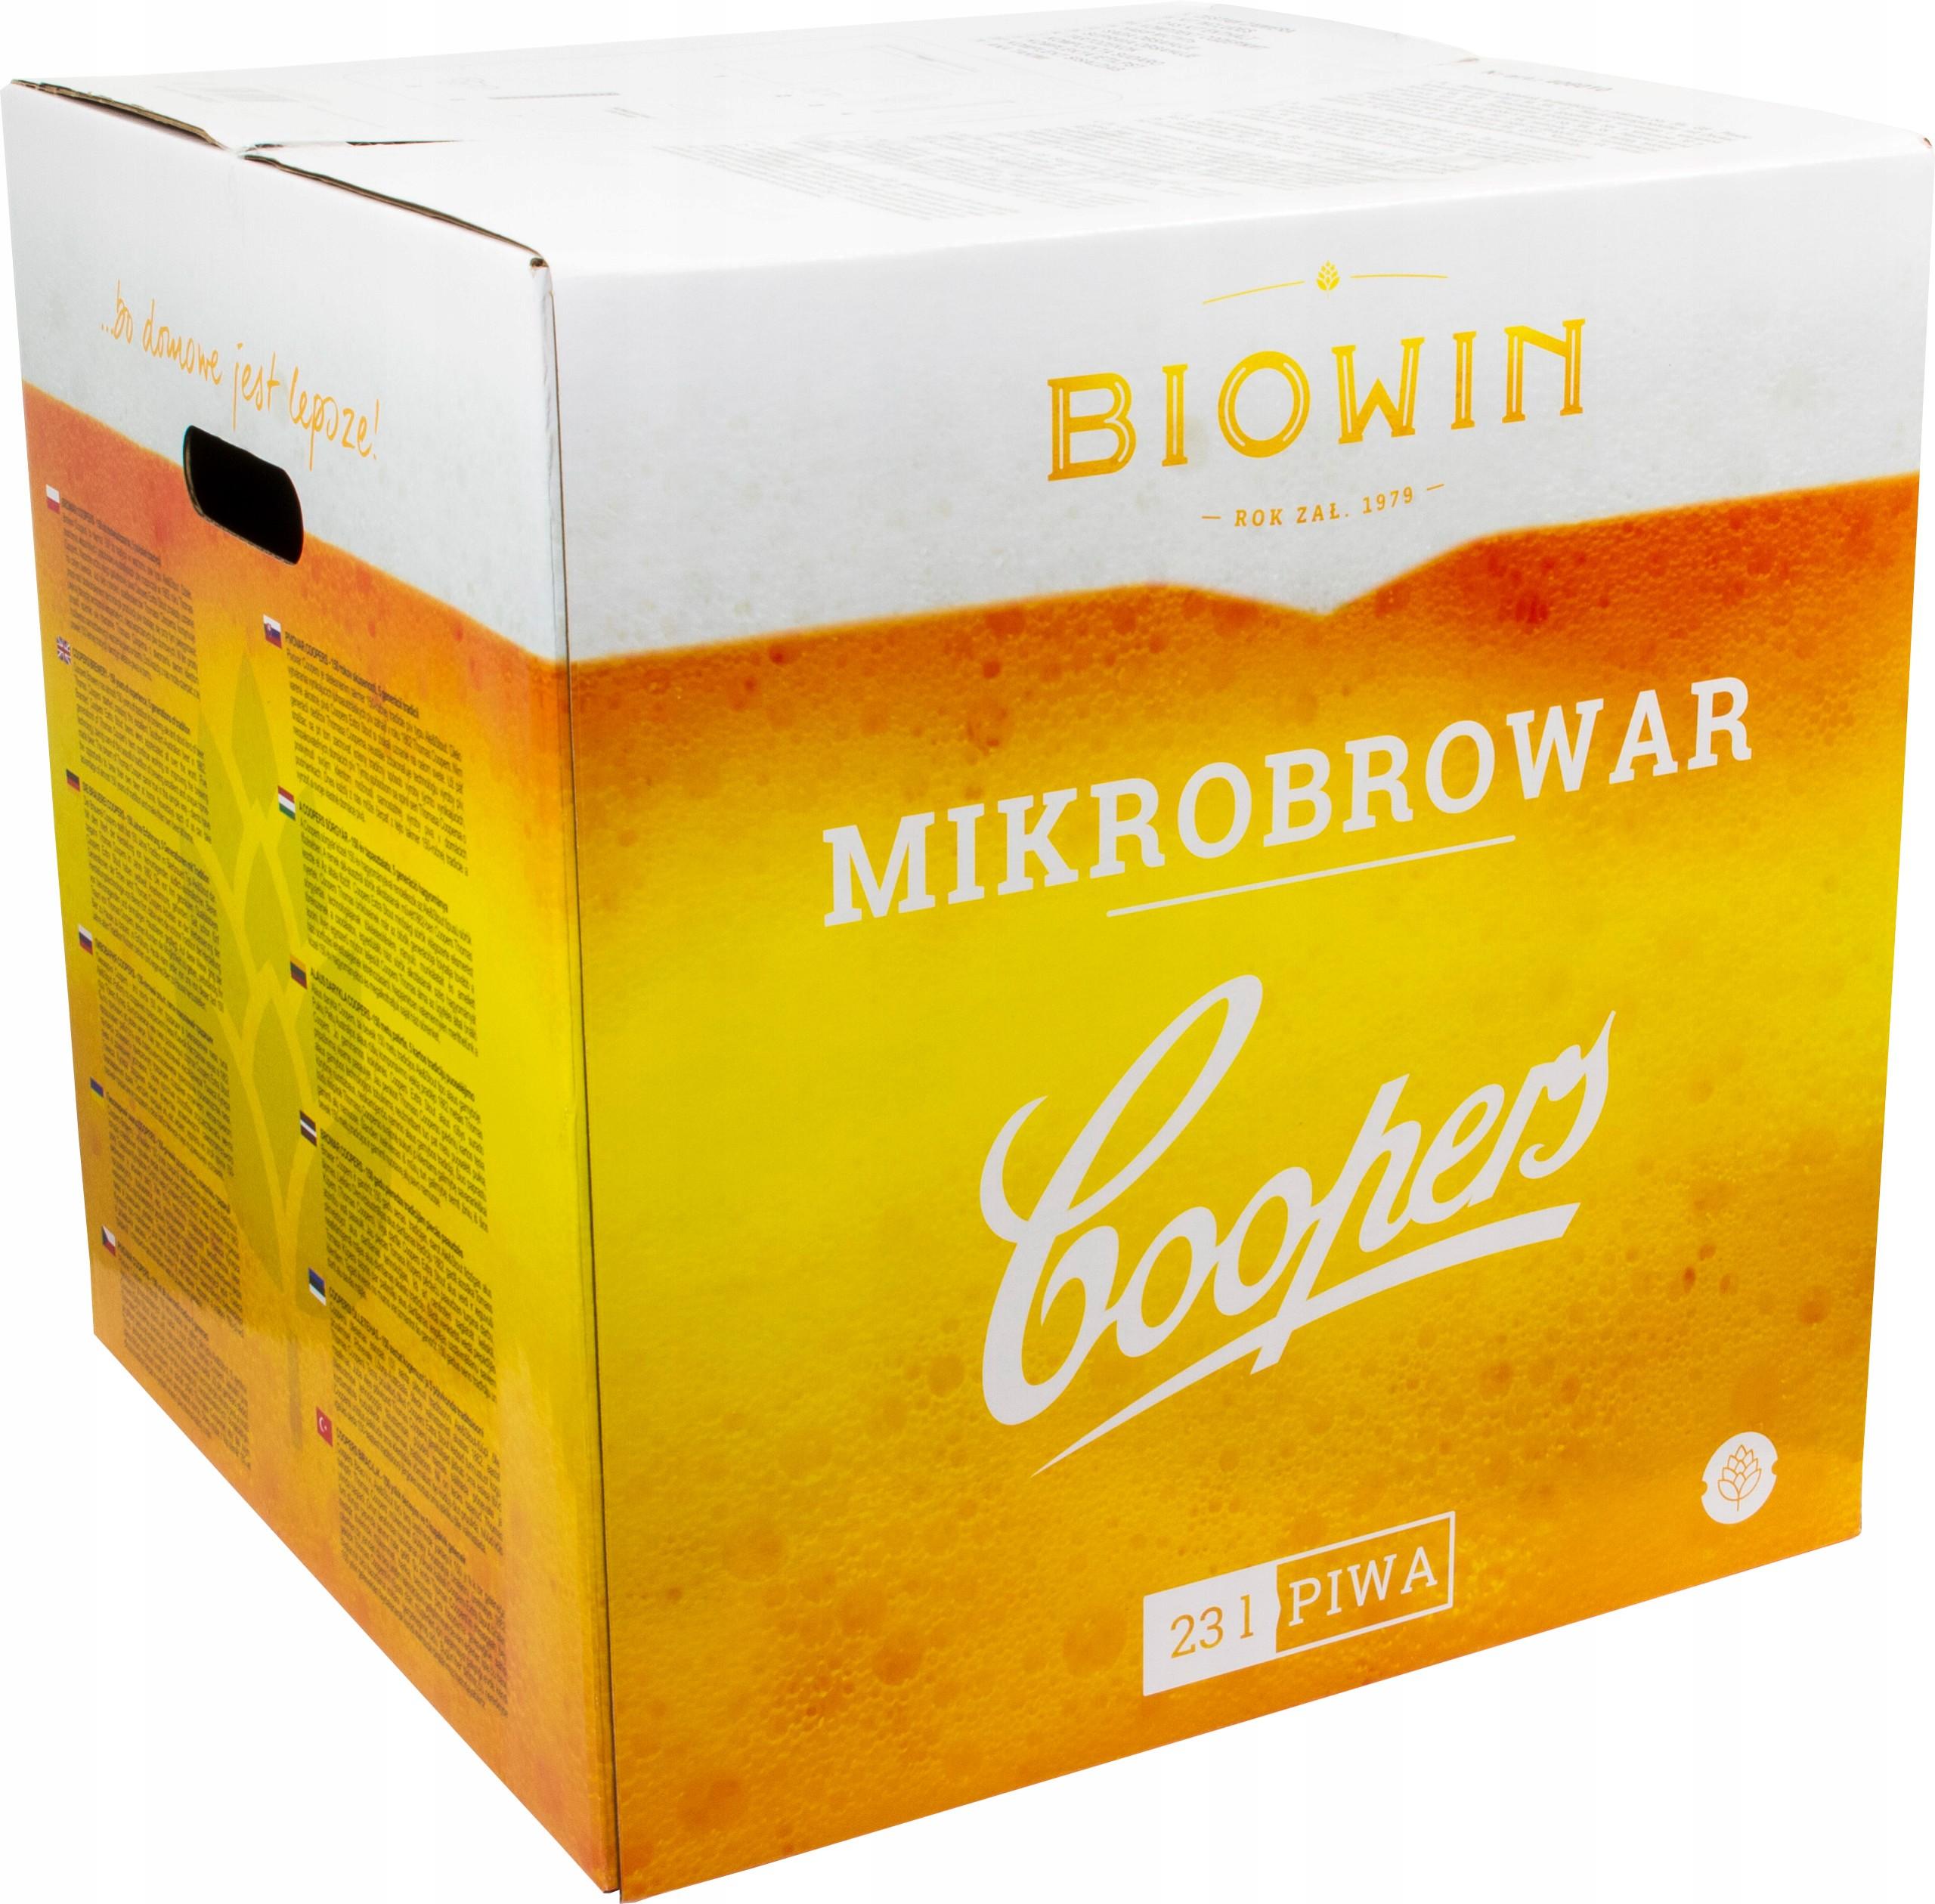 Mikrobrowar комплект ??? пивоварения 406010